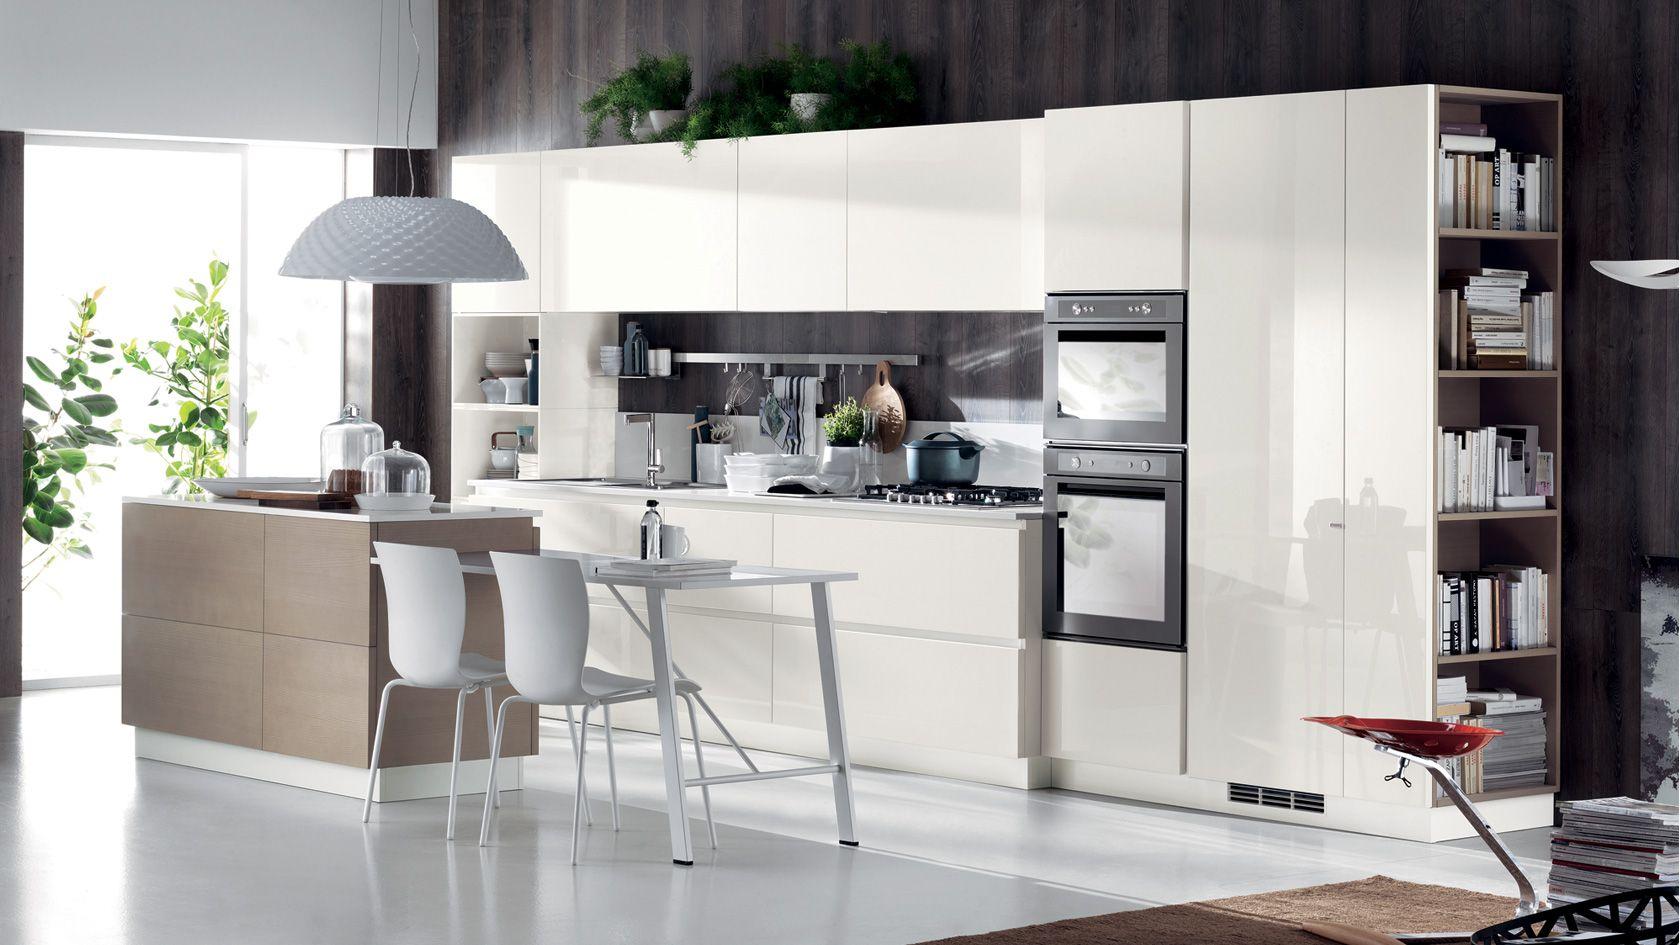 Cucine Scavolini Afragola: mobili per cucina moderna e componibile ...